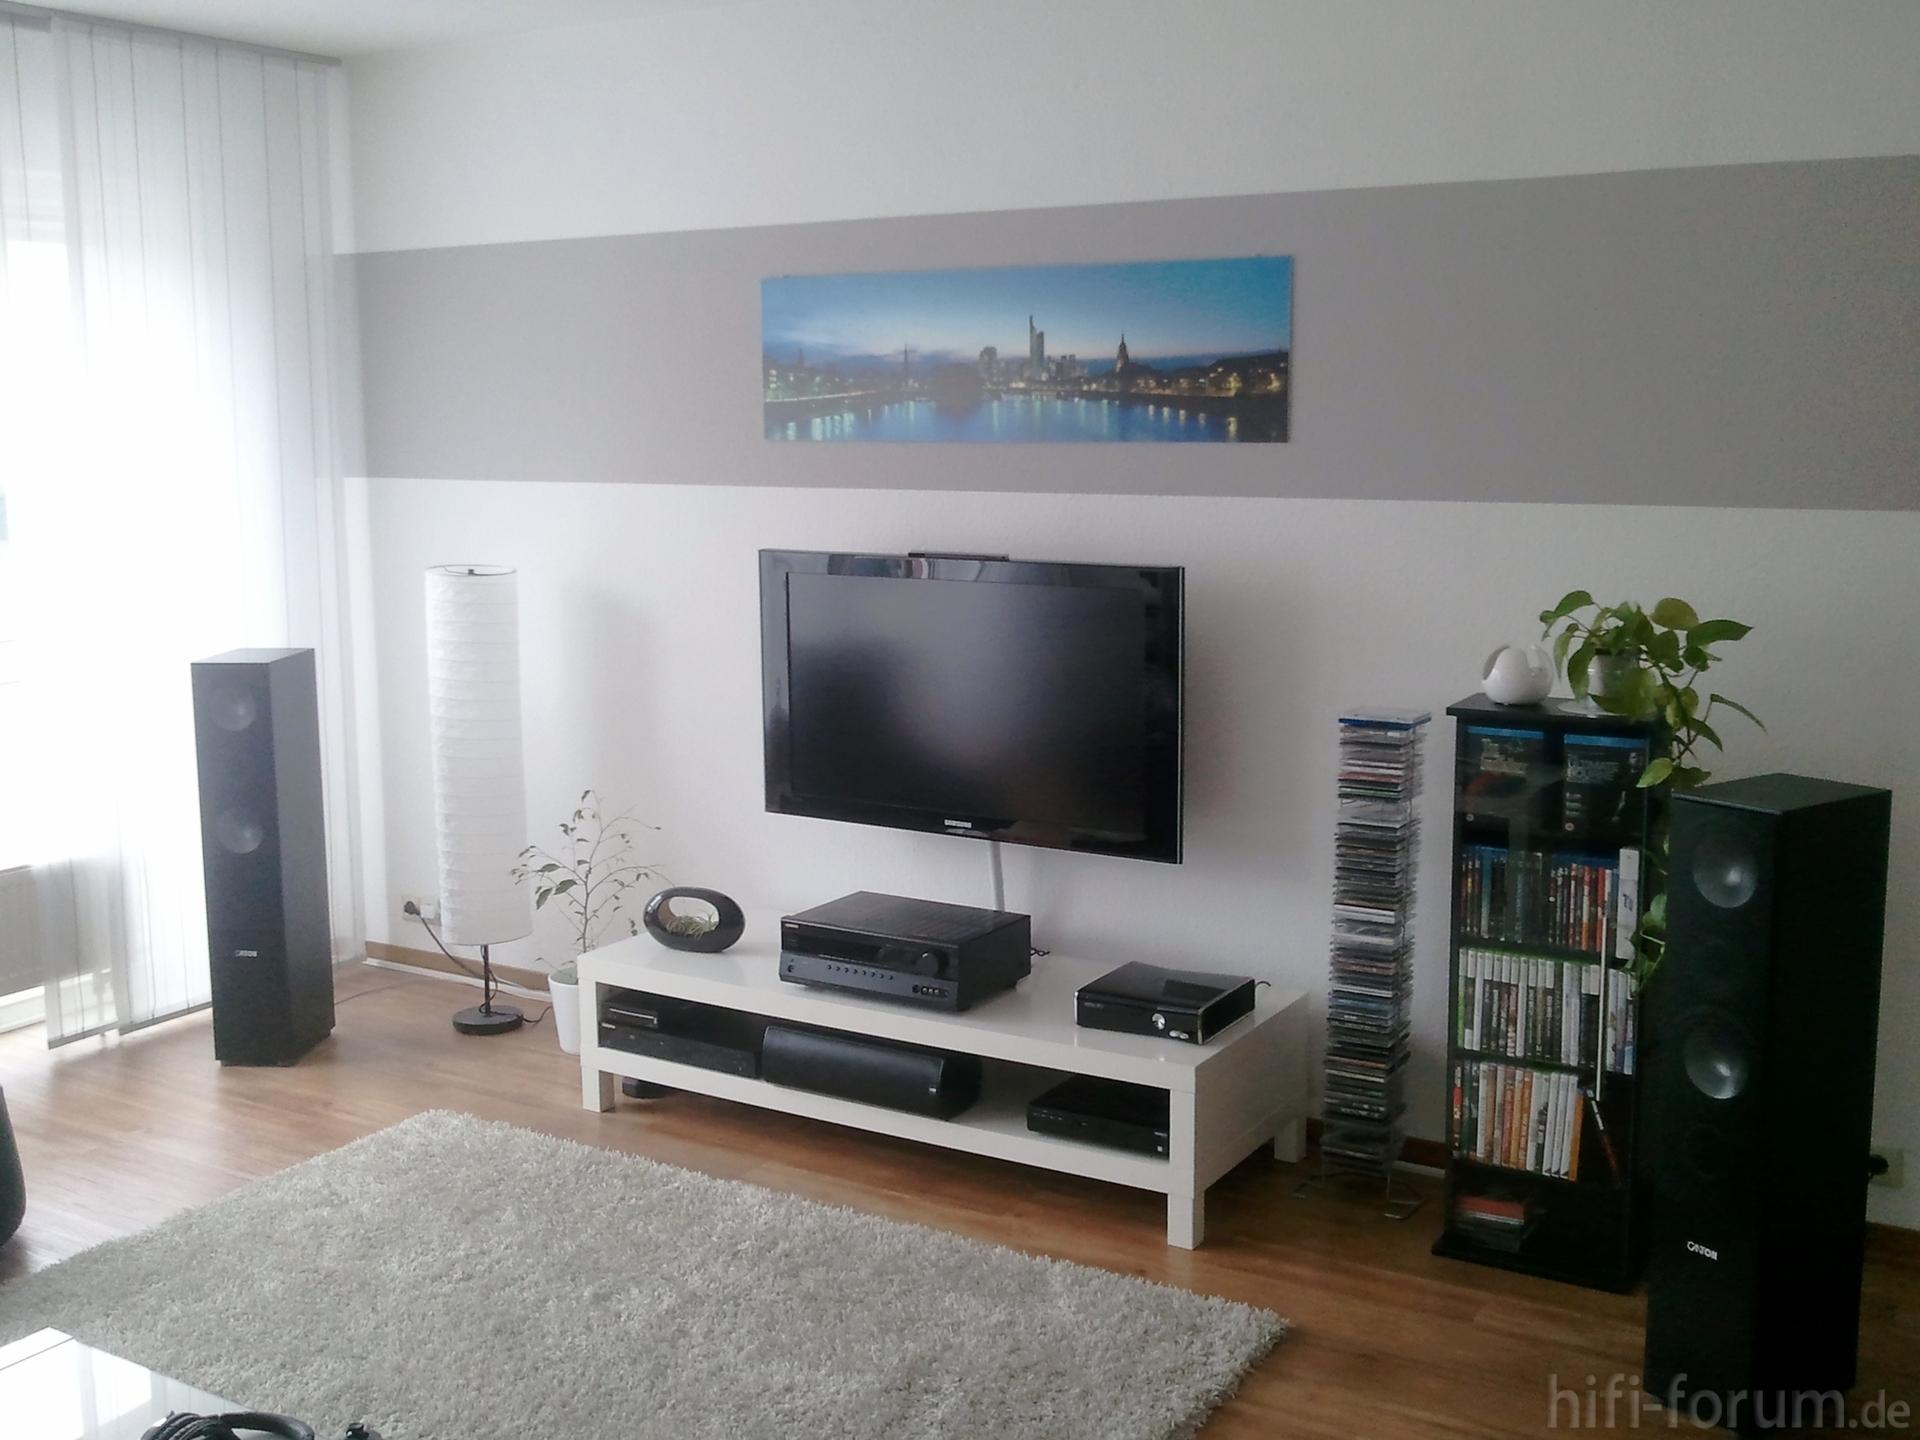 wohnzimmer canton heimkino heimkinowohnzimmer samsung wohnzimmer hifi bildergalerie. Black Bedroom Furniture Sets. Home Design Ideas